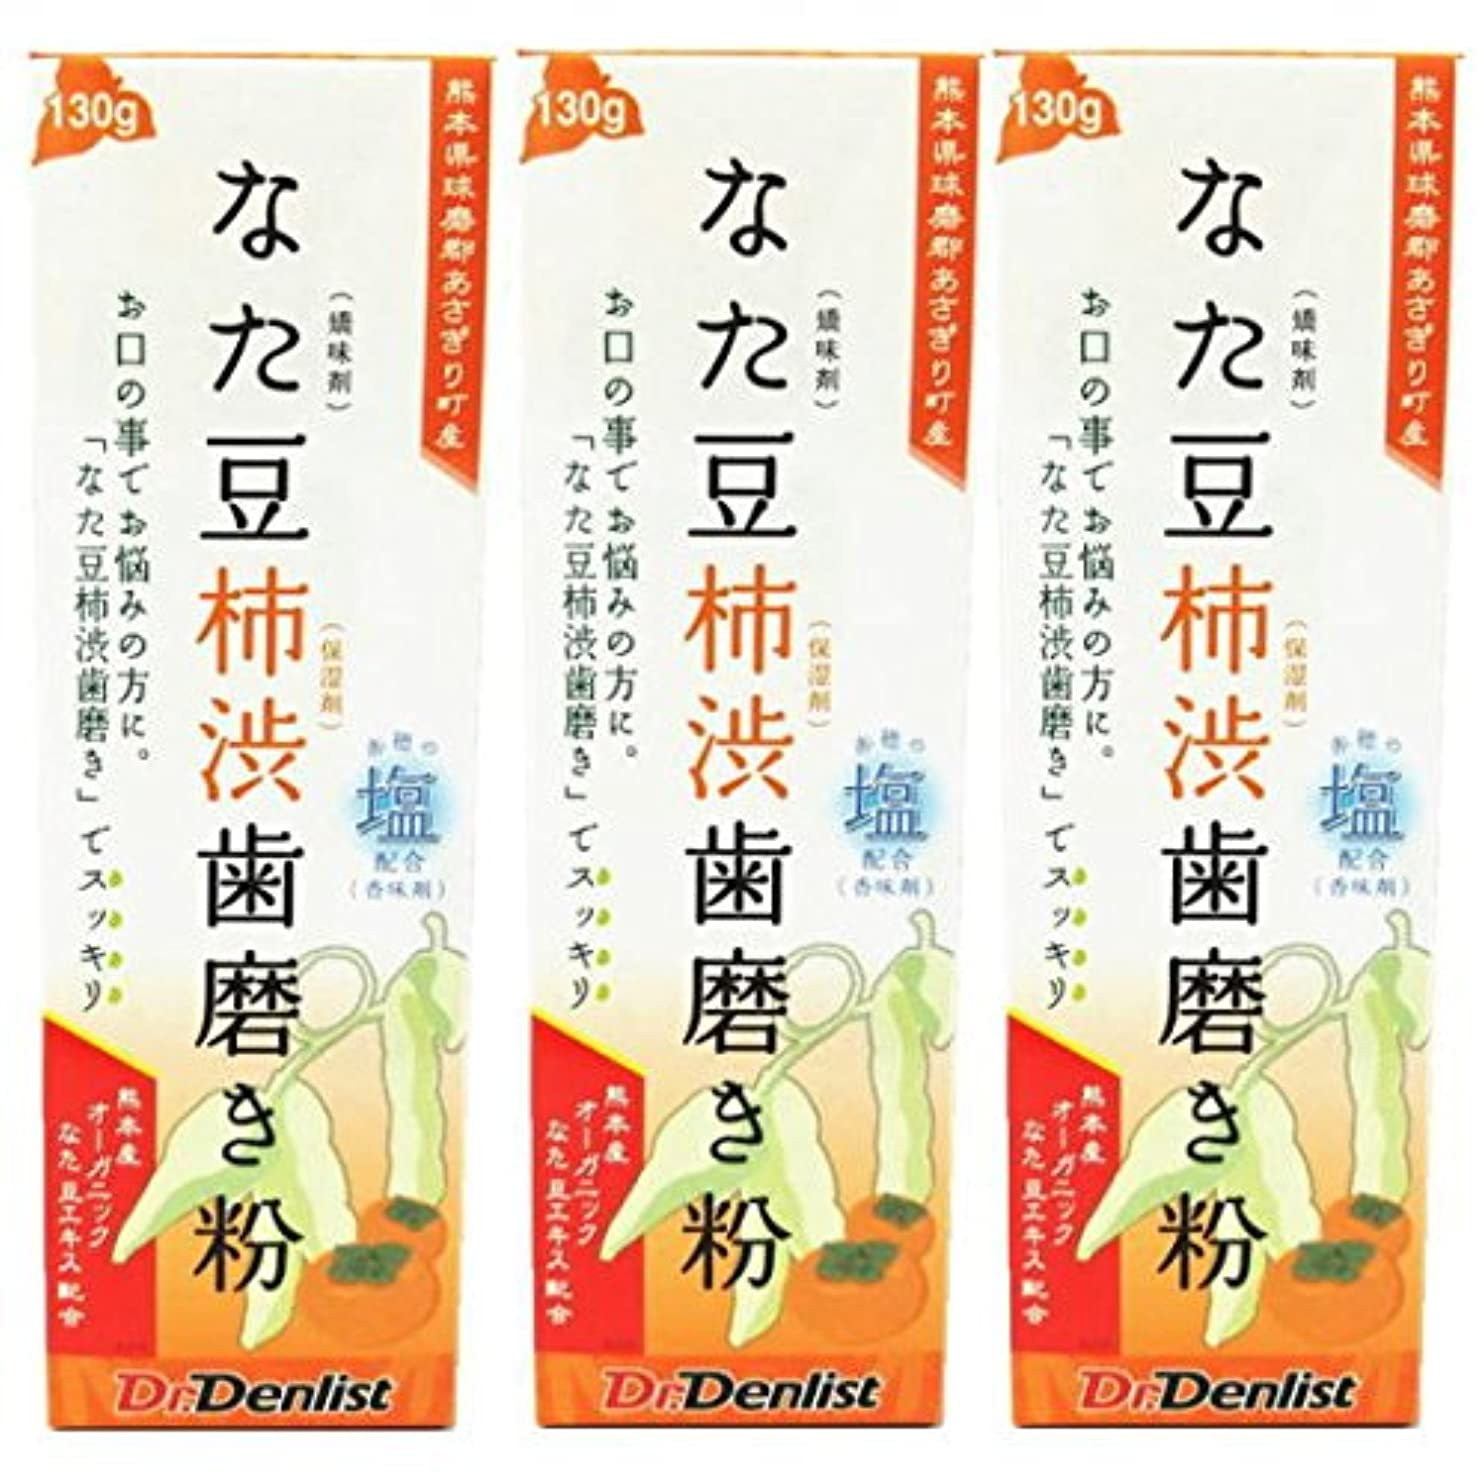 間欠考慮アクセサリーなた豆柿渋歯磨き 130g 3個セット 国産 有機なた豆使用 赤穂の塩配合(香味剤)